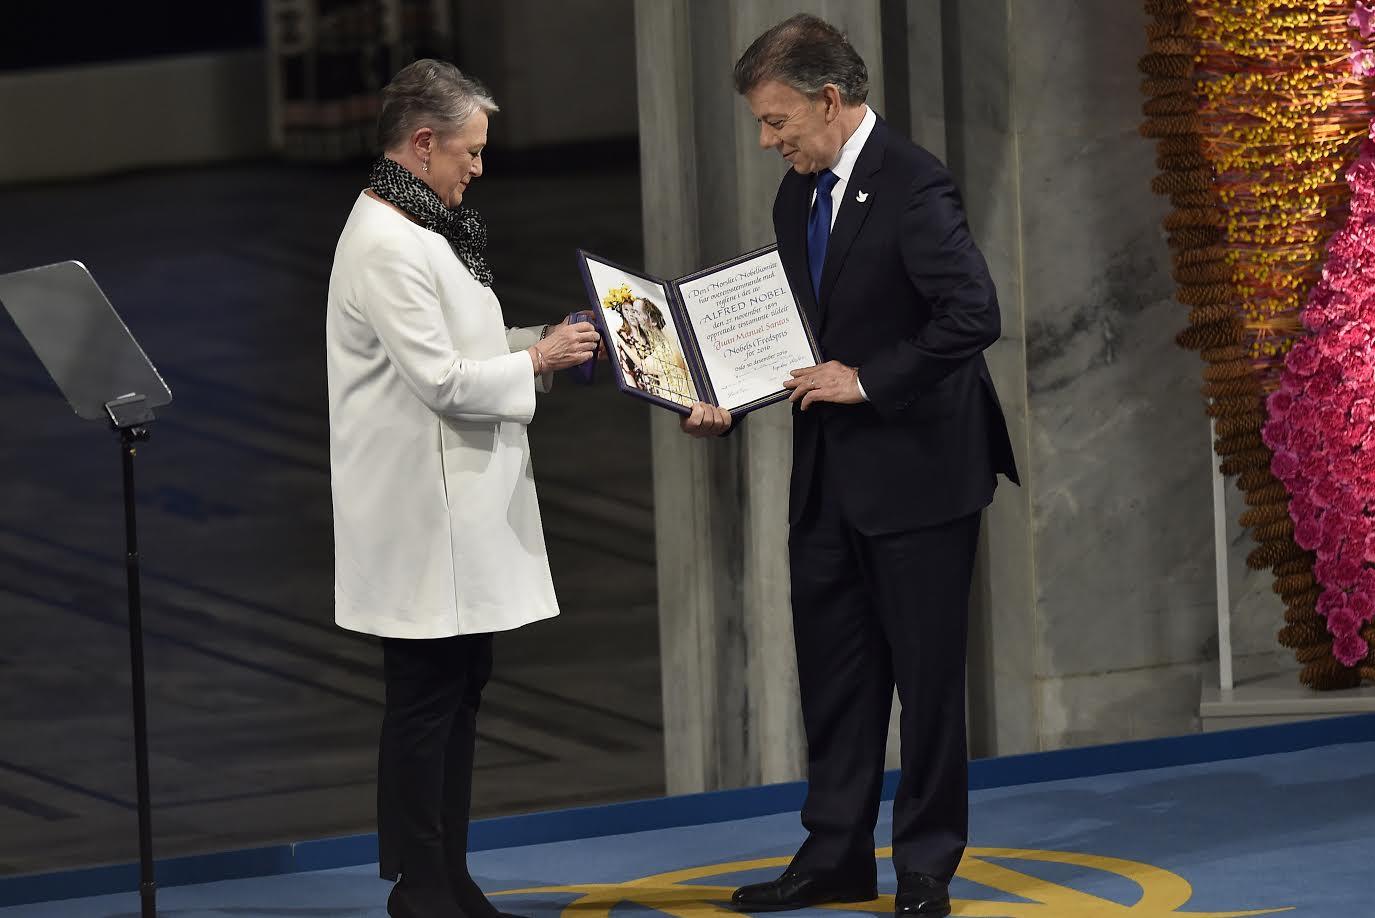 entrega-premio-nobel-de-paz-al-presidente-santos2